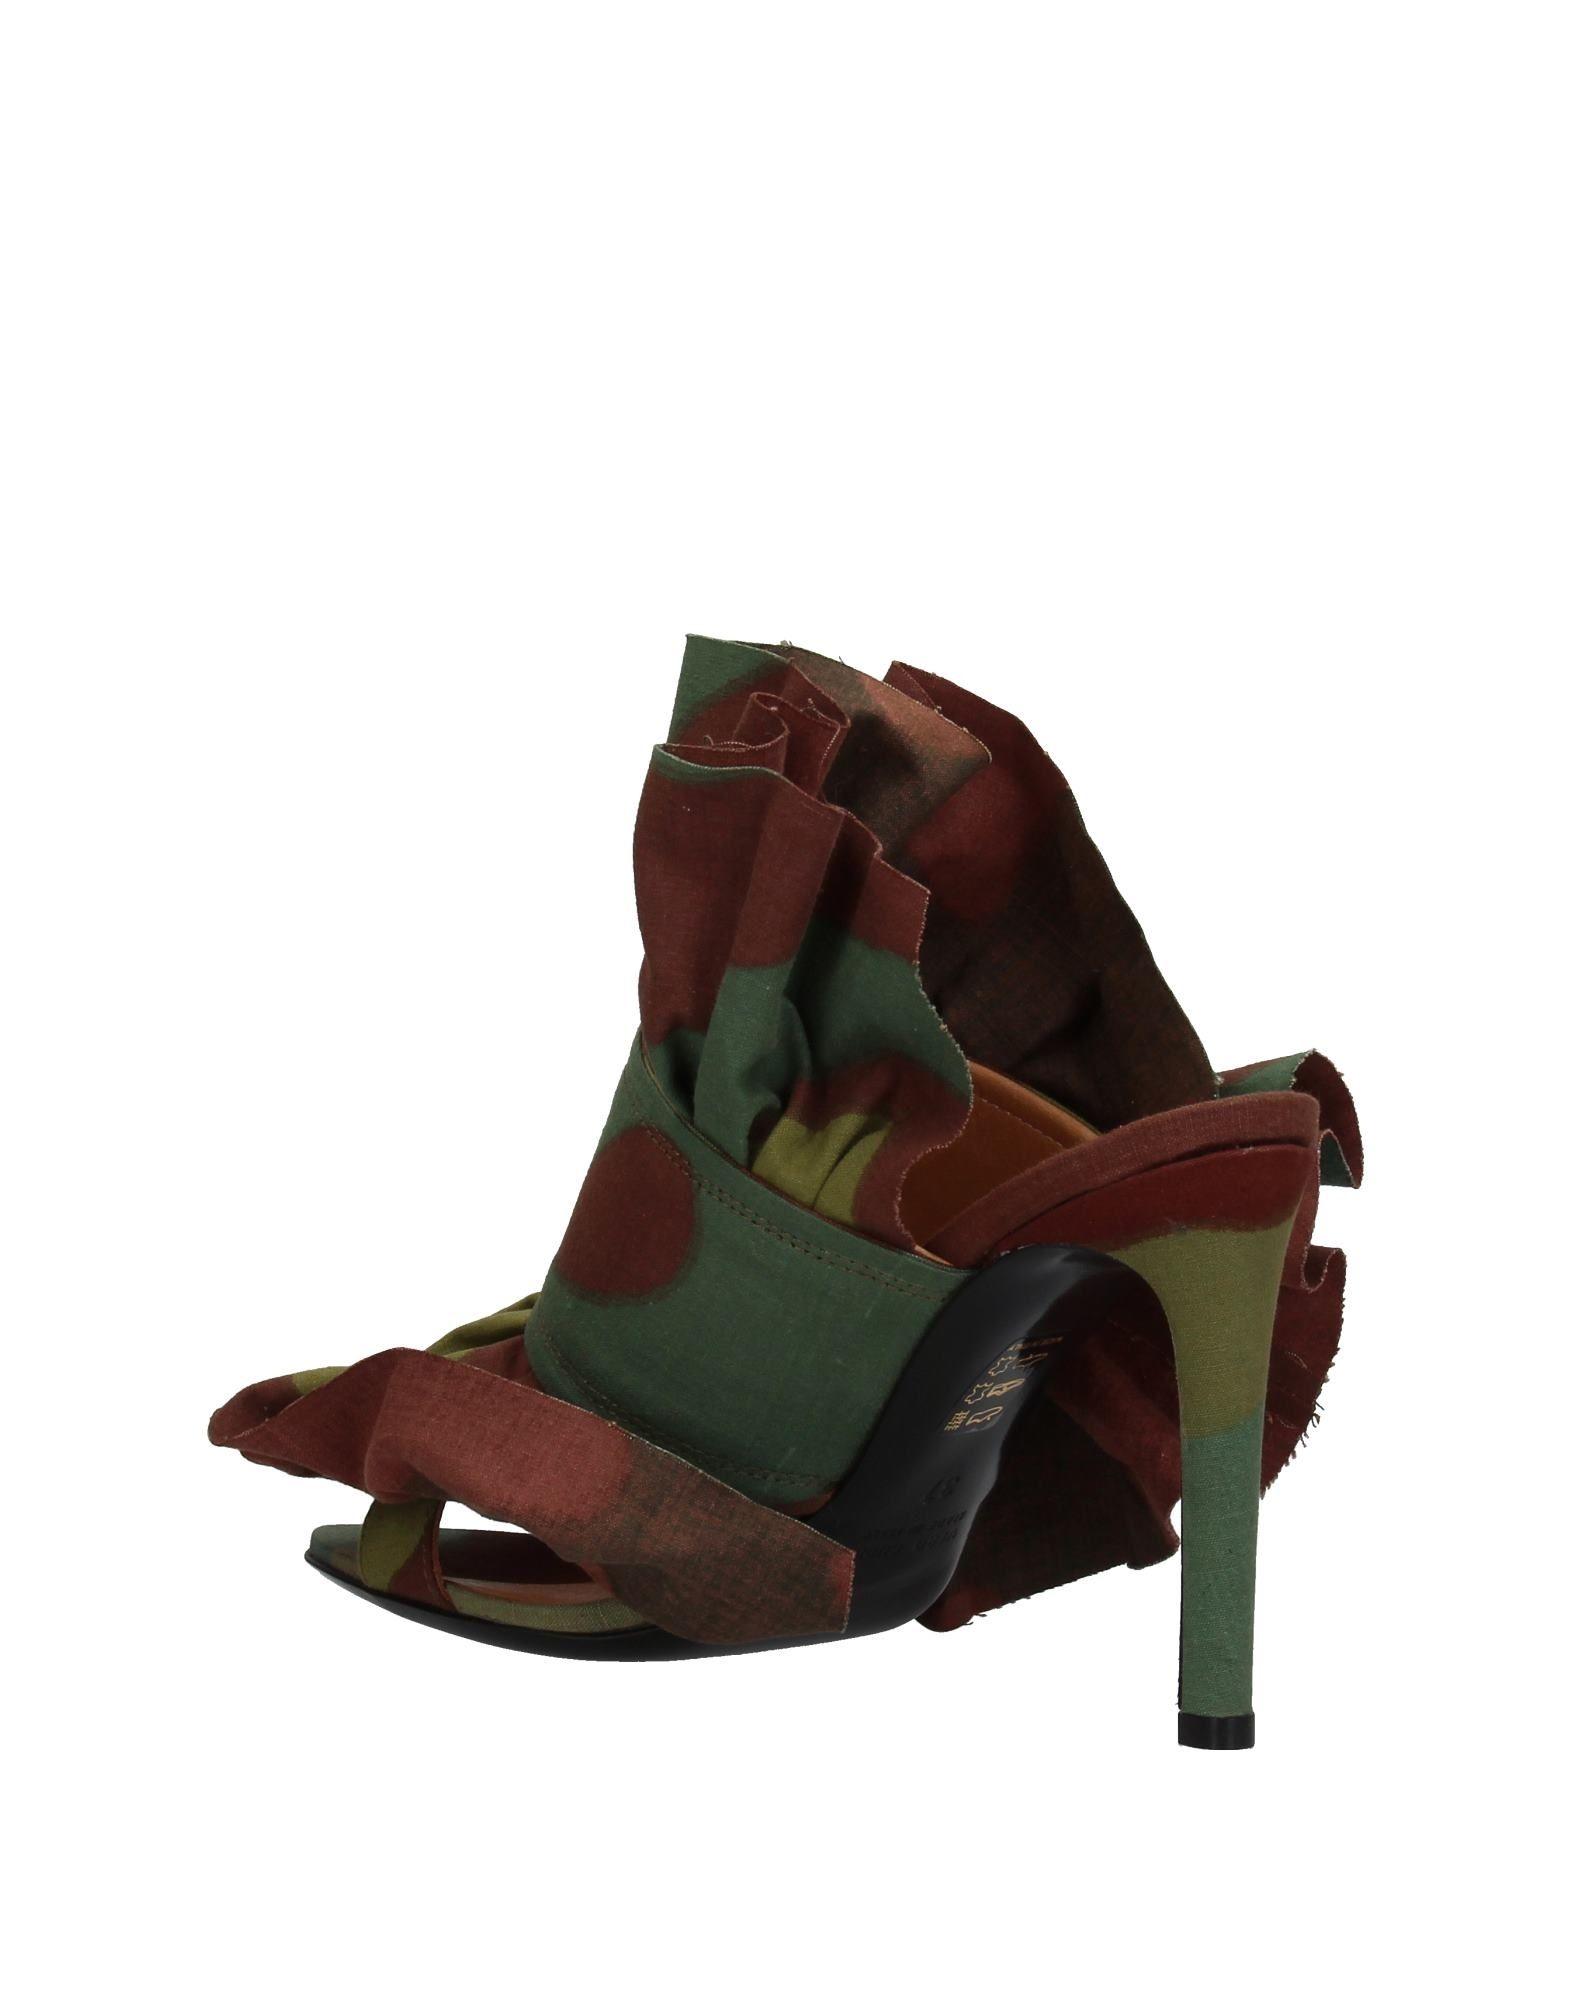 Erika Cavallini Sandalen Damen  11398876VW Gute Qualität beliebte Schuhe